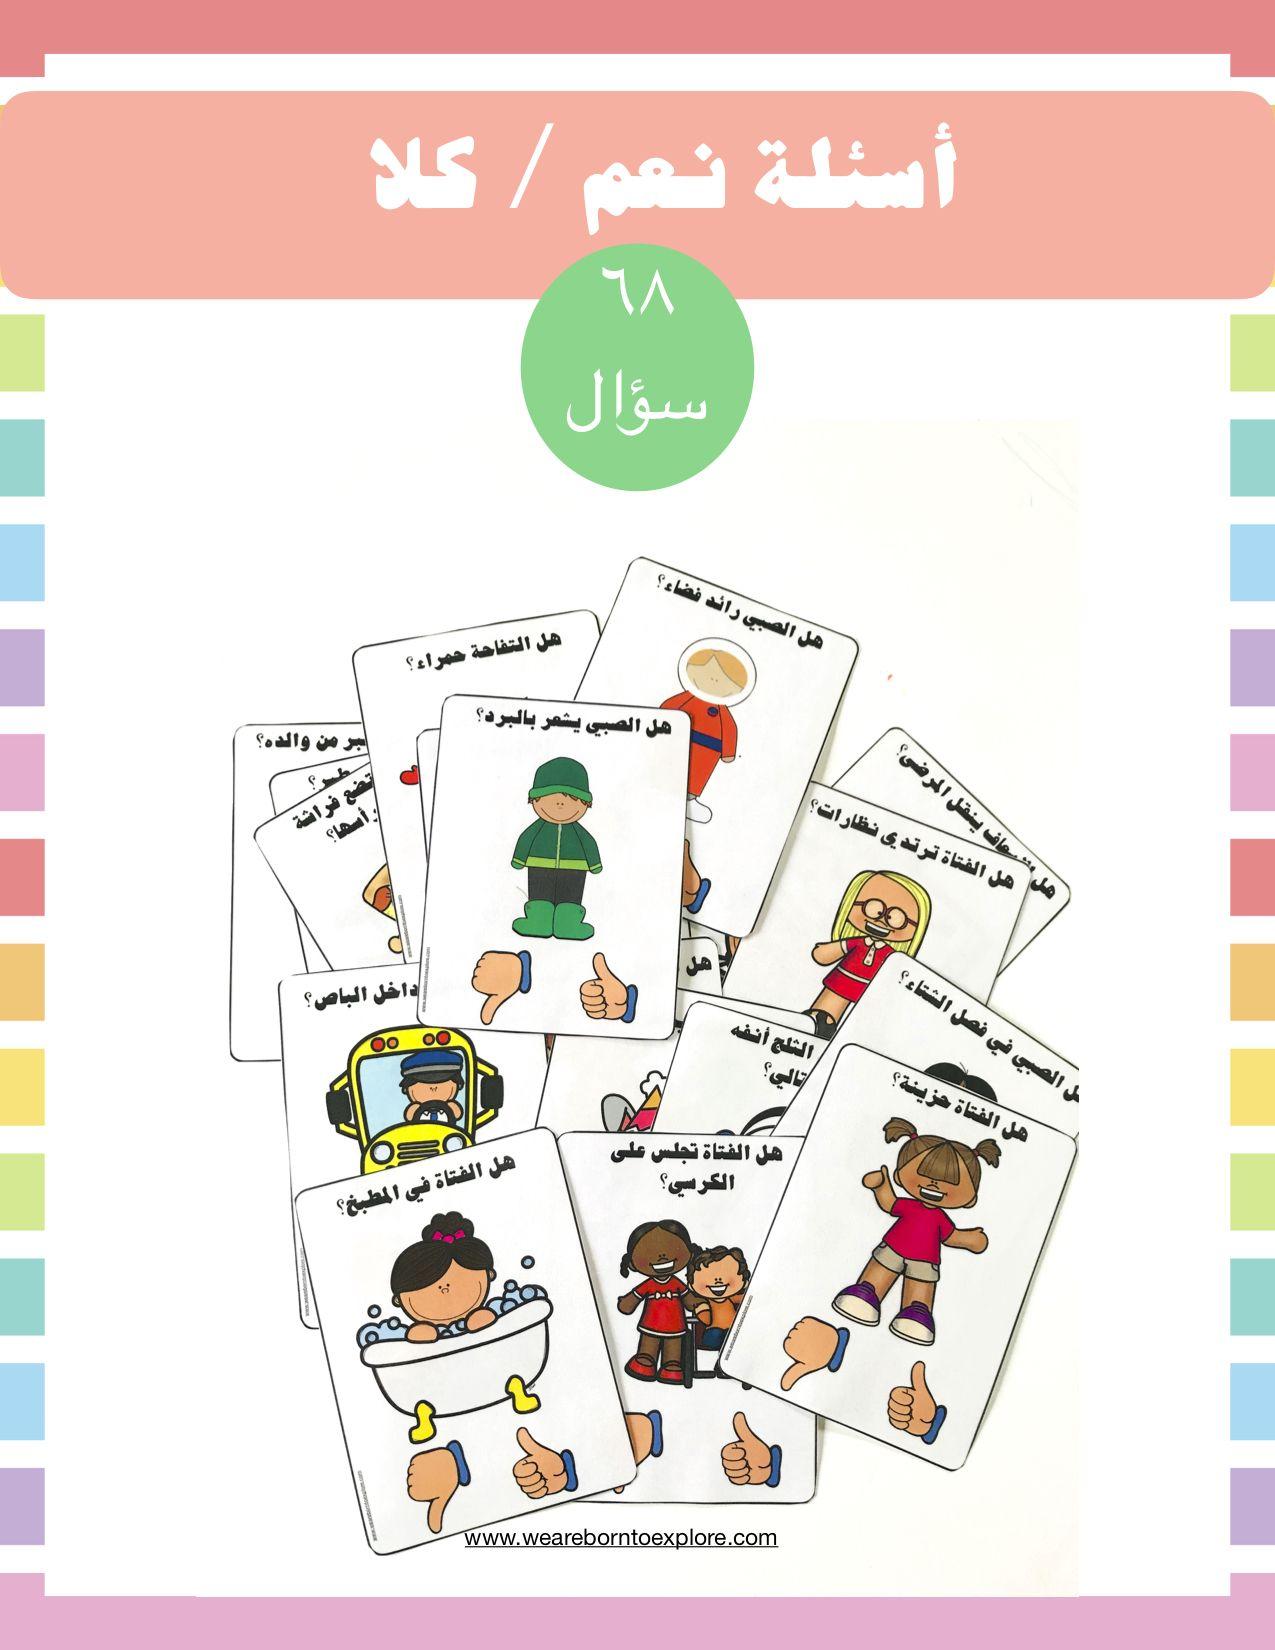 نطق لغة أسئلة نشاطات أولاد توحد تأخر Arabic Lessons Arabic Kids Preschool Learning